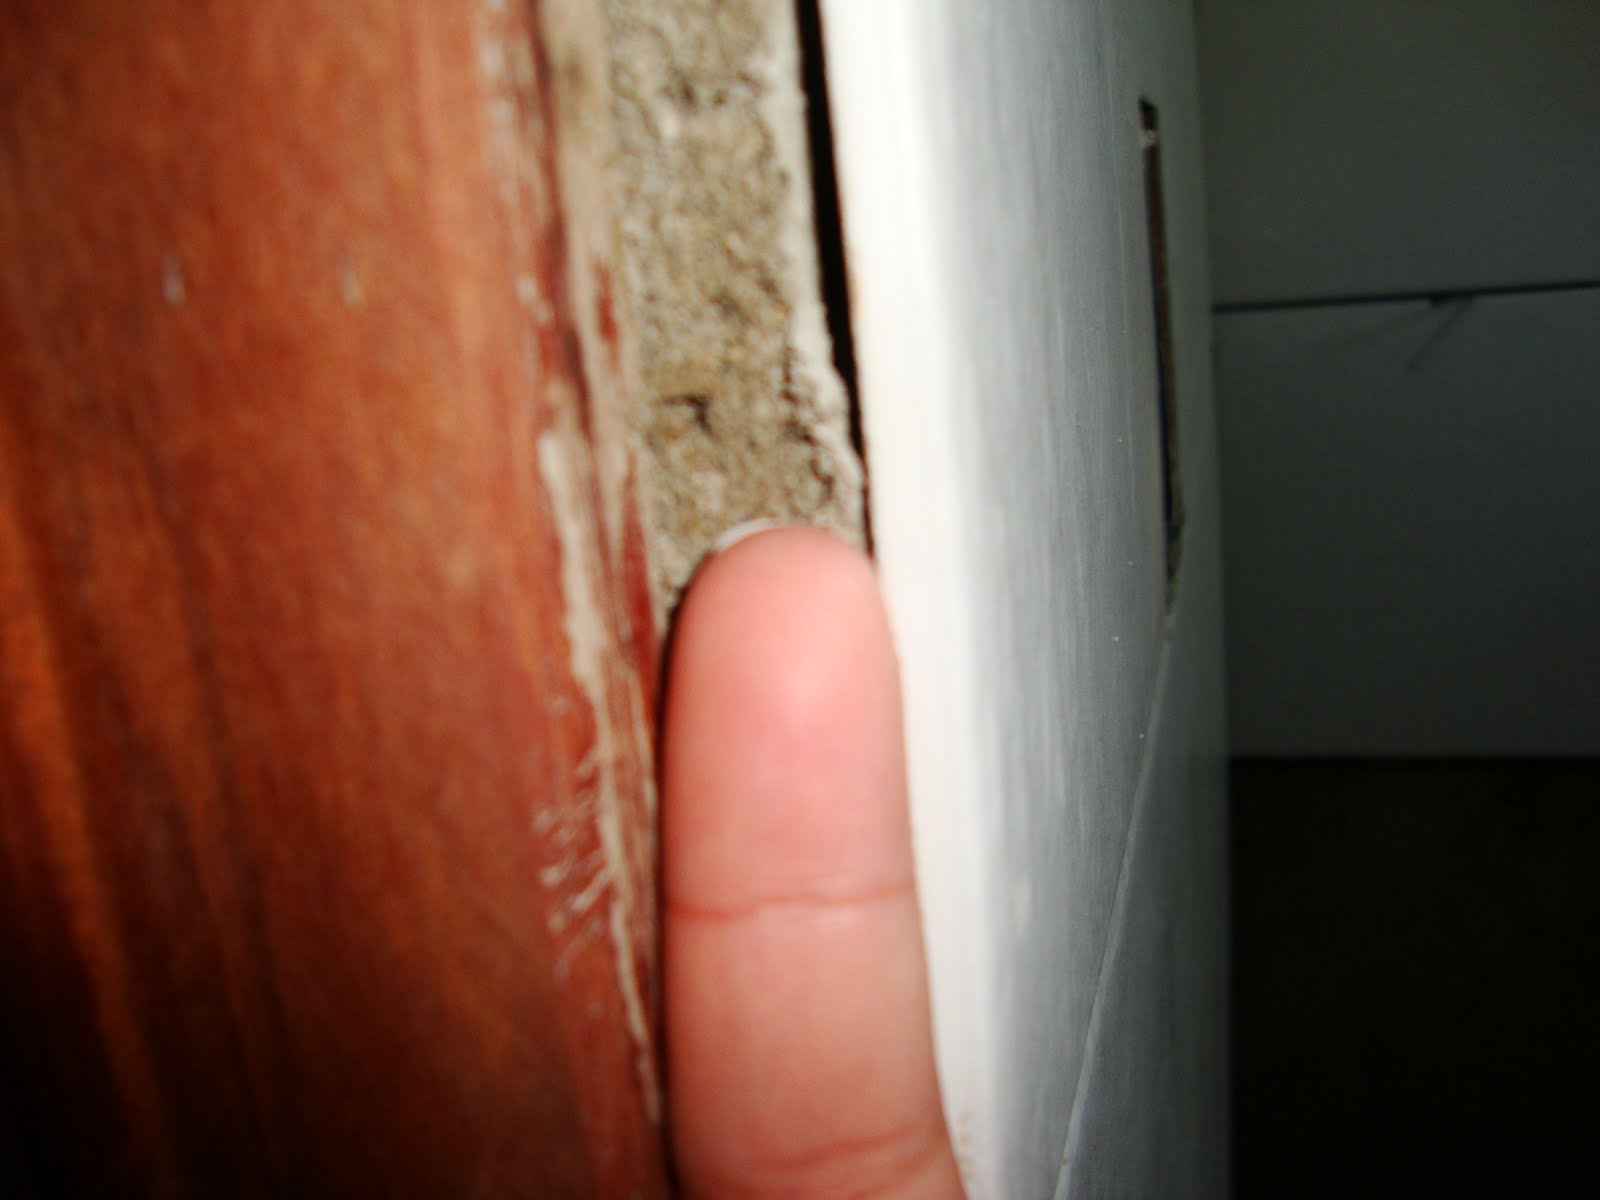 #802F17 Uma casa para nós dois!: Cerâmica do banheiro e as janelas  1692 Janela De Aluminio Montagem